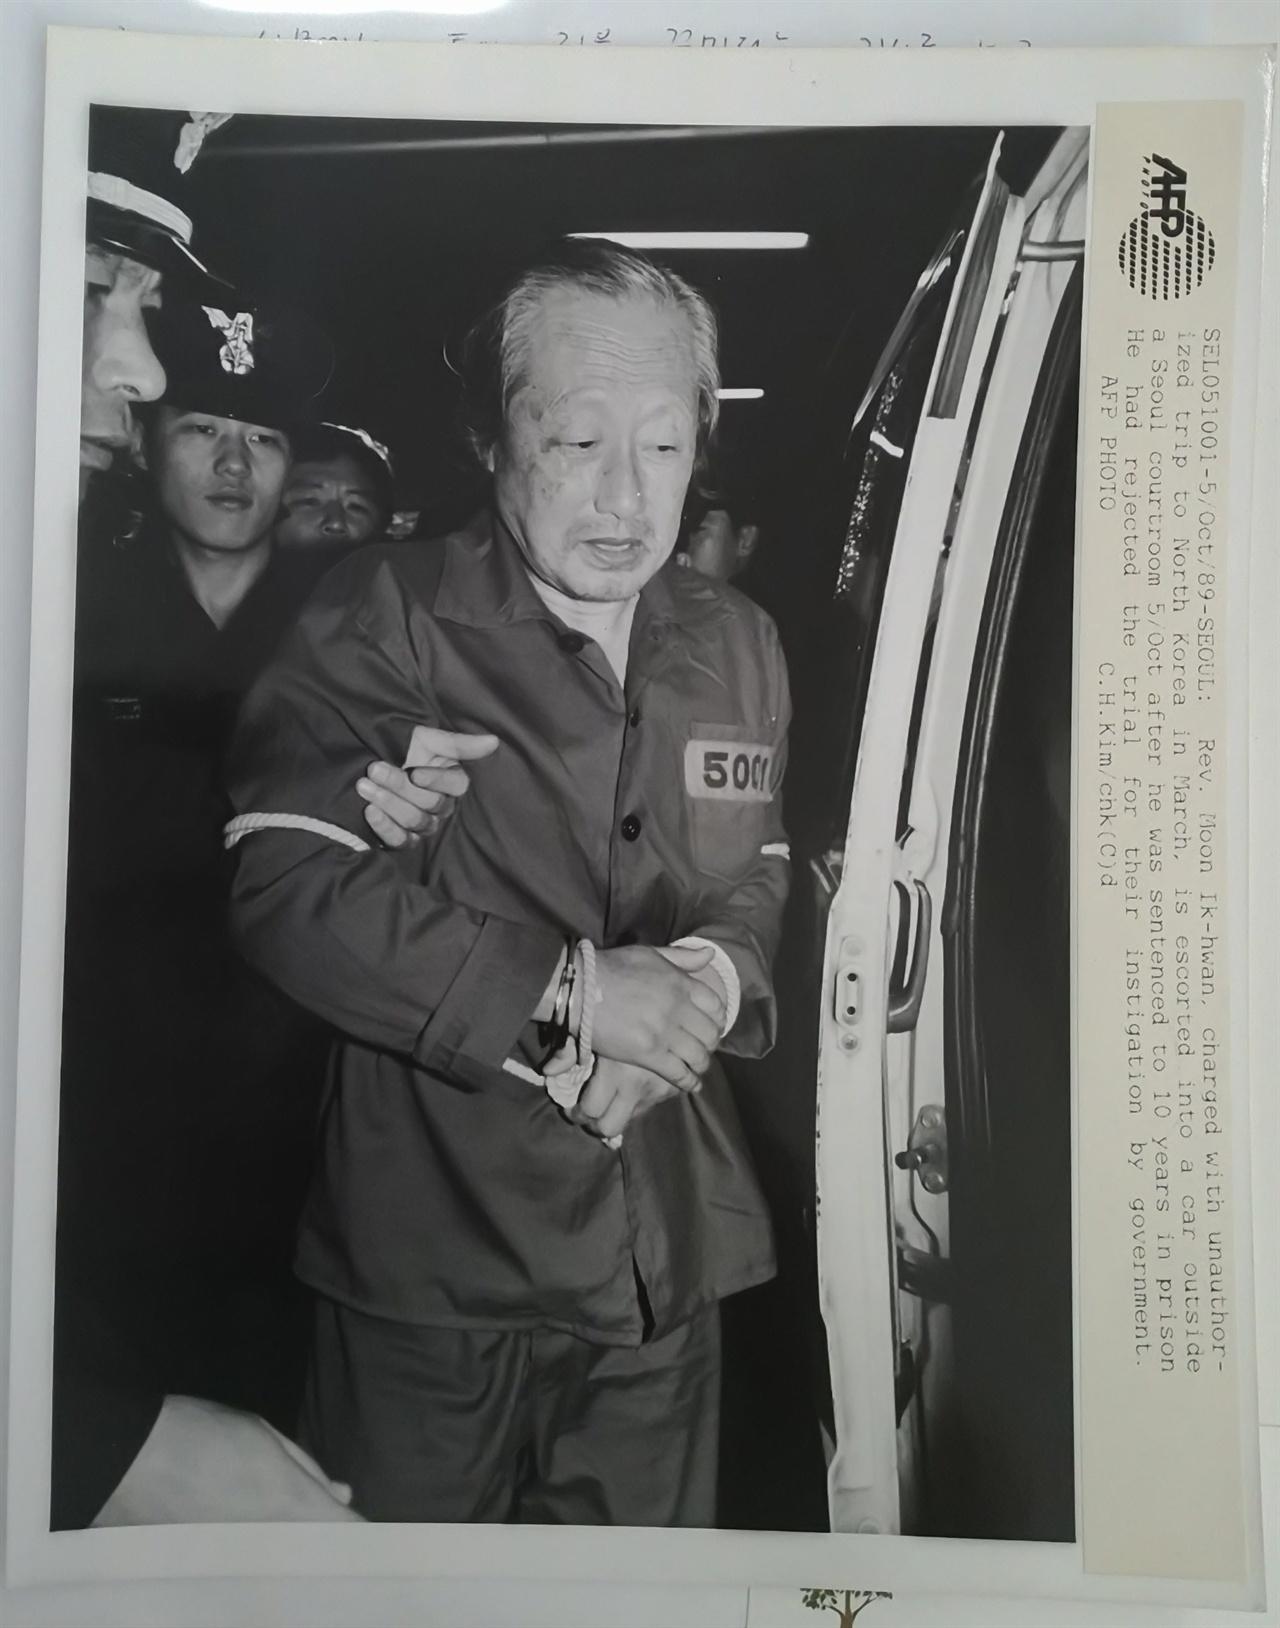 호송되는 문익환 오랏줄에 묶인 통일염원, 방북 재판에서 10년형이 선고된 문익환이 호송차량으로 이동하고 있다. 경찰은 기자들의 눈을 피해 이송했고, 이를 AFP통신 김철한 기자가 단독으로 포착했다(기증사진).